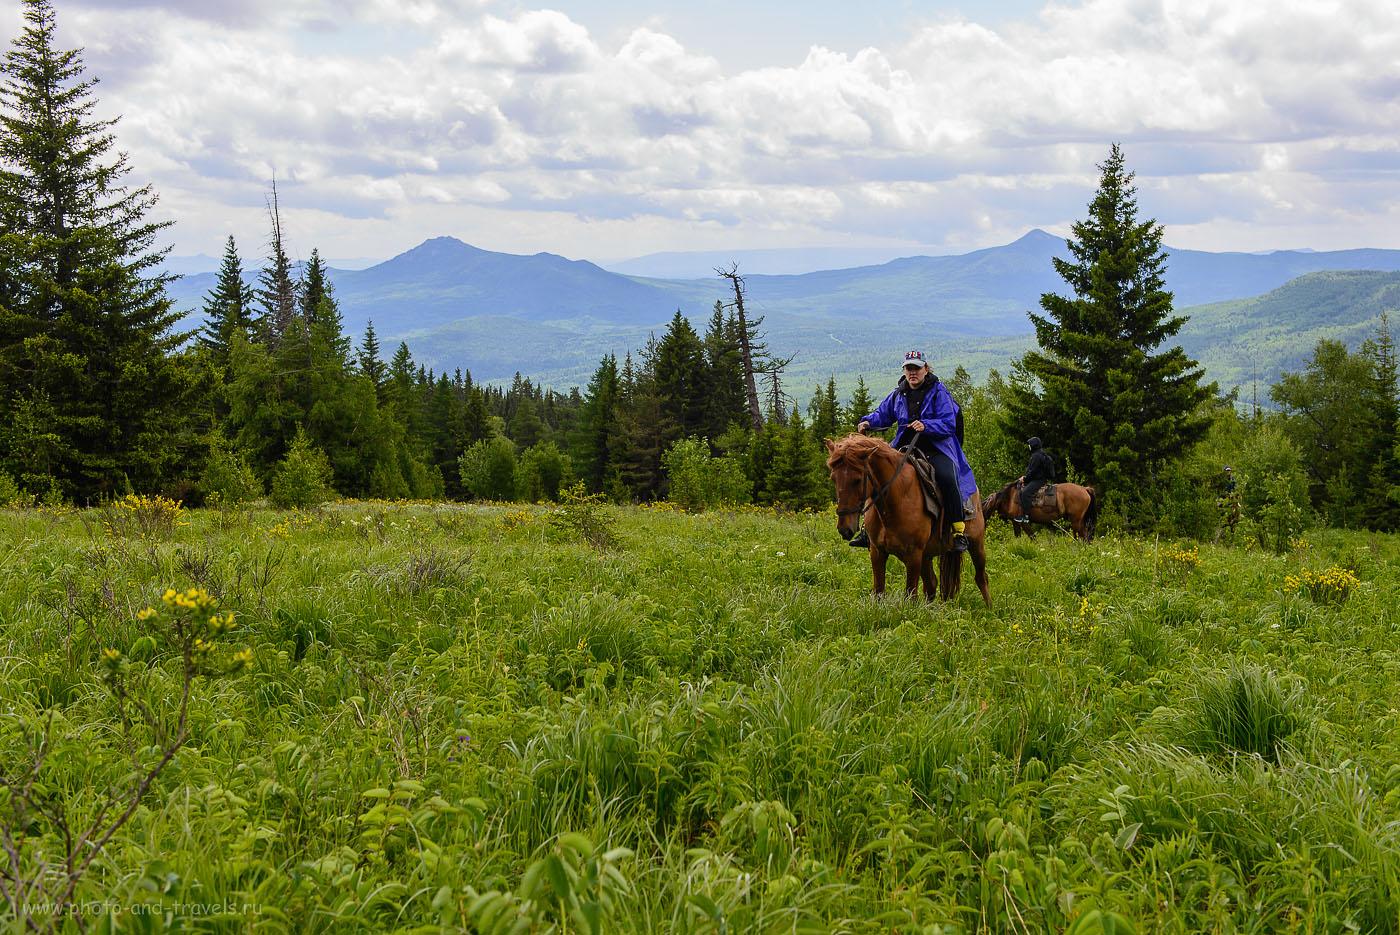 4. Турбаза Малиновка. Поход на лошадях на Ялангас. Прекрасные виды в горах Башкирии (100, 40, 6.3, 200)